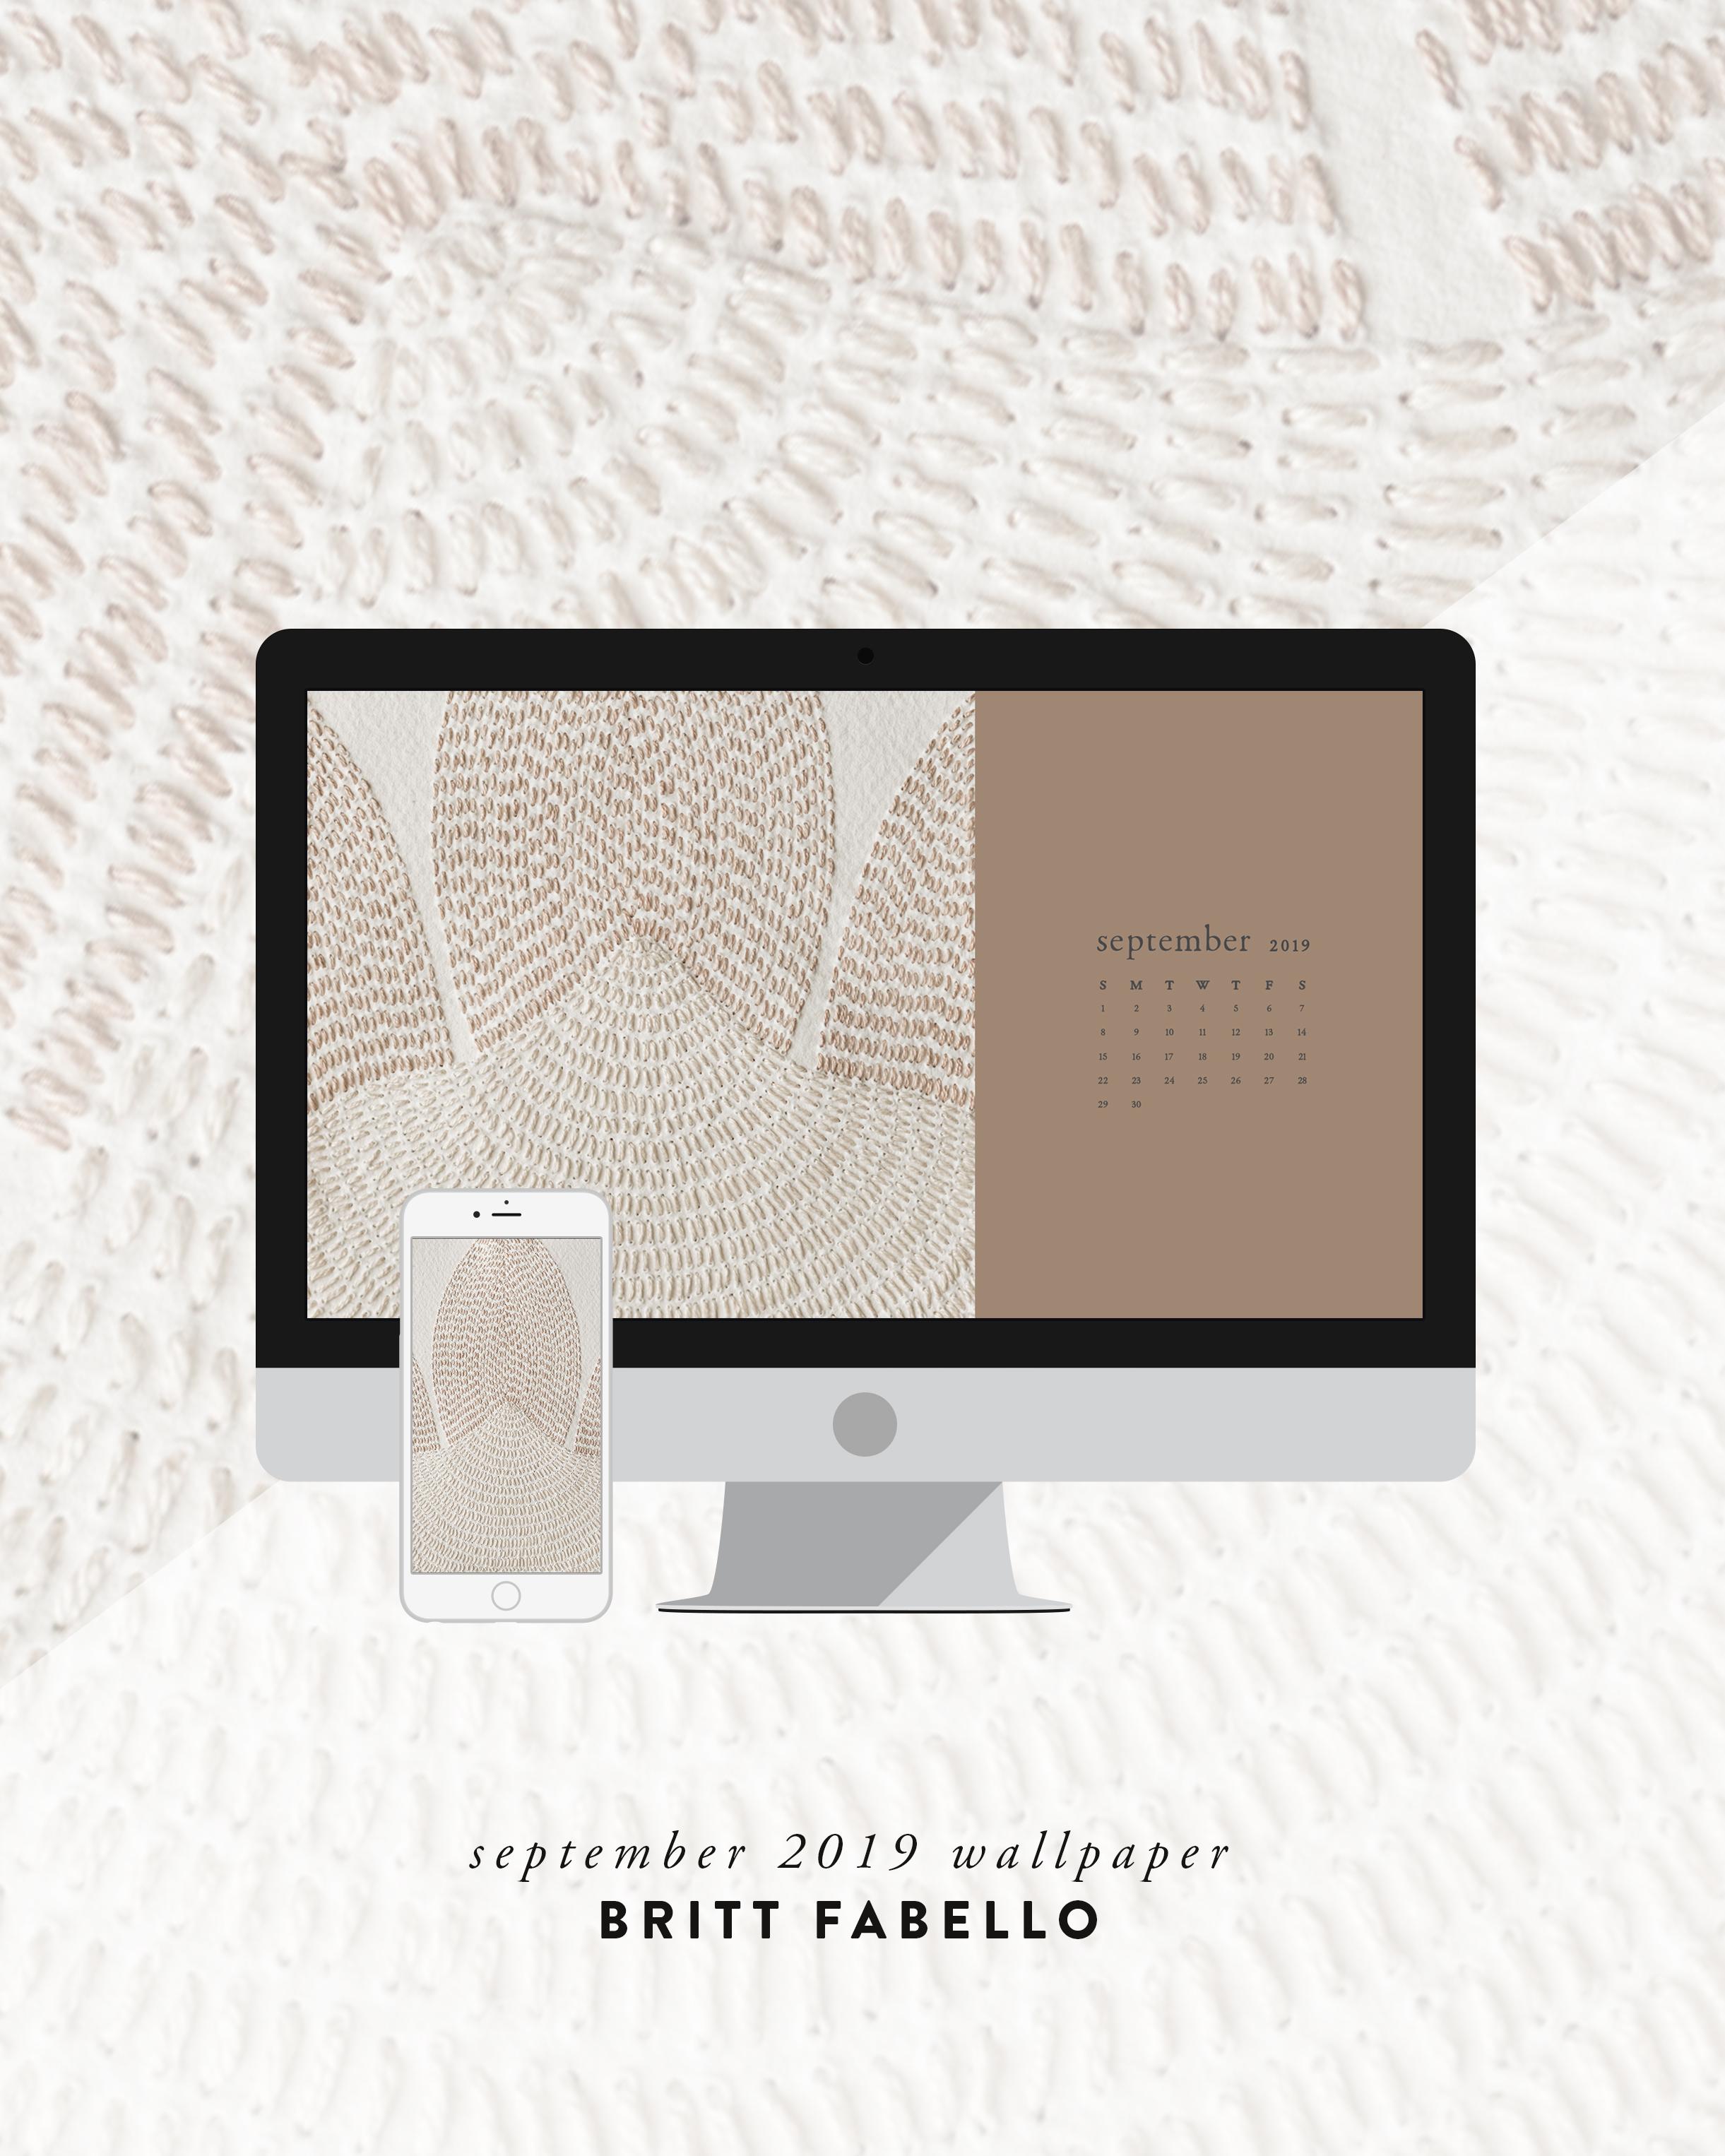 Wallpaper: September 2019 Calendar & Artwork   Computer & Phone   Britt Fabello